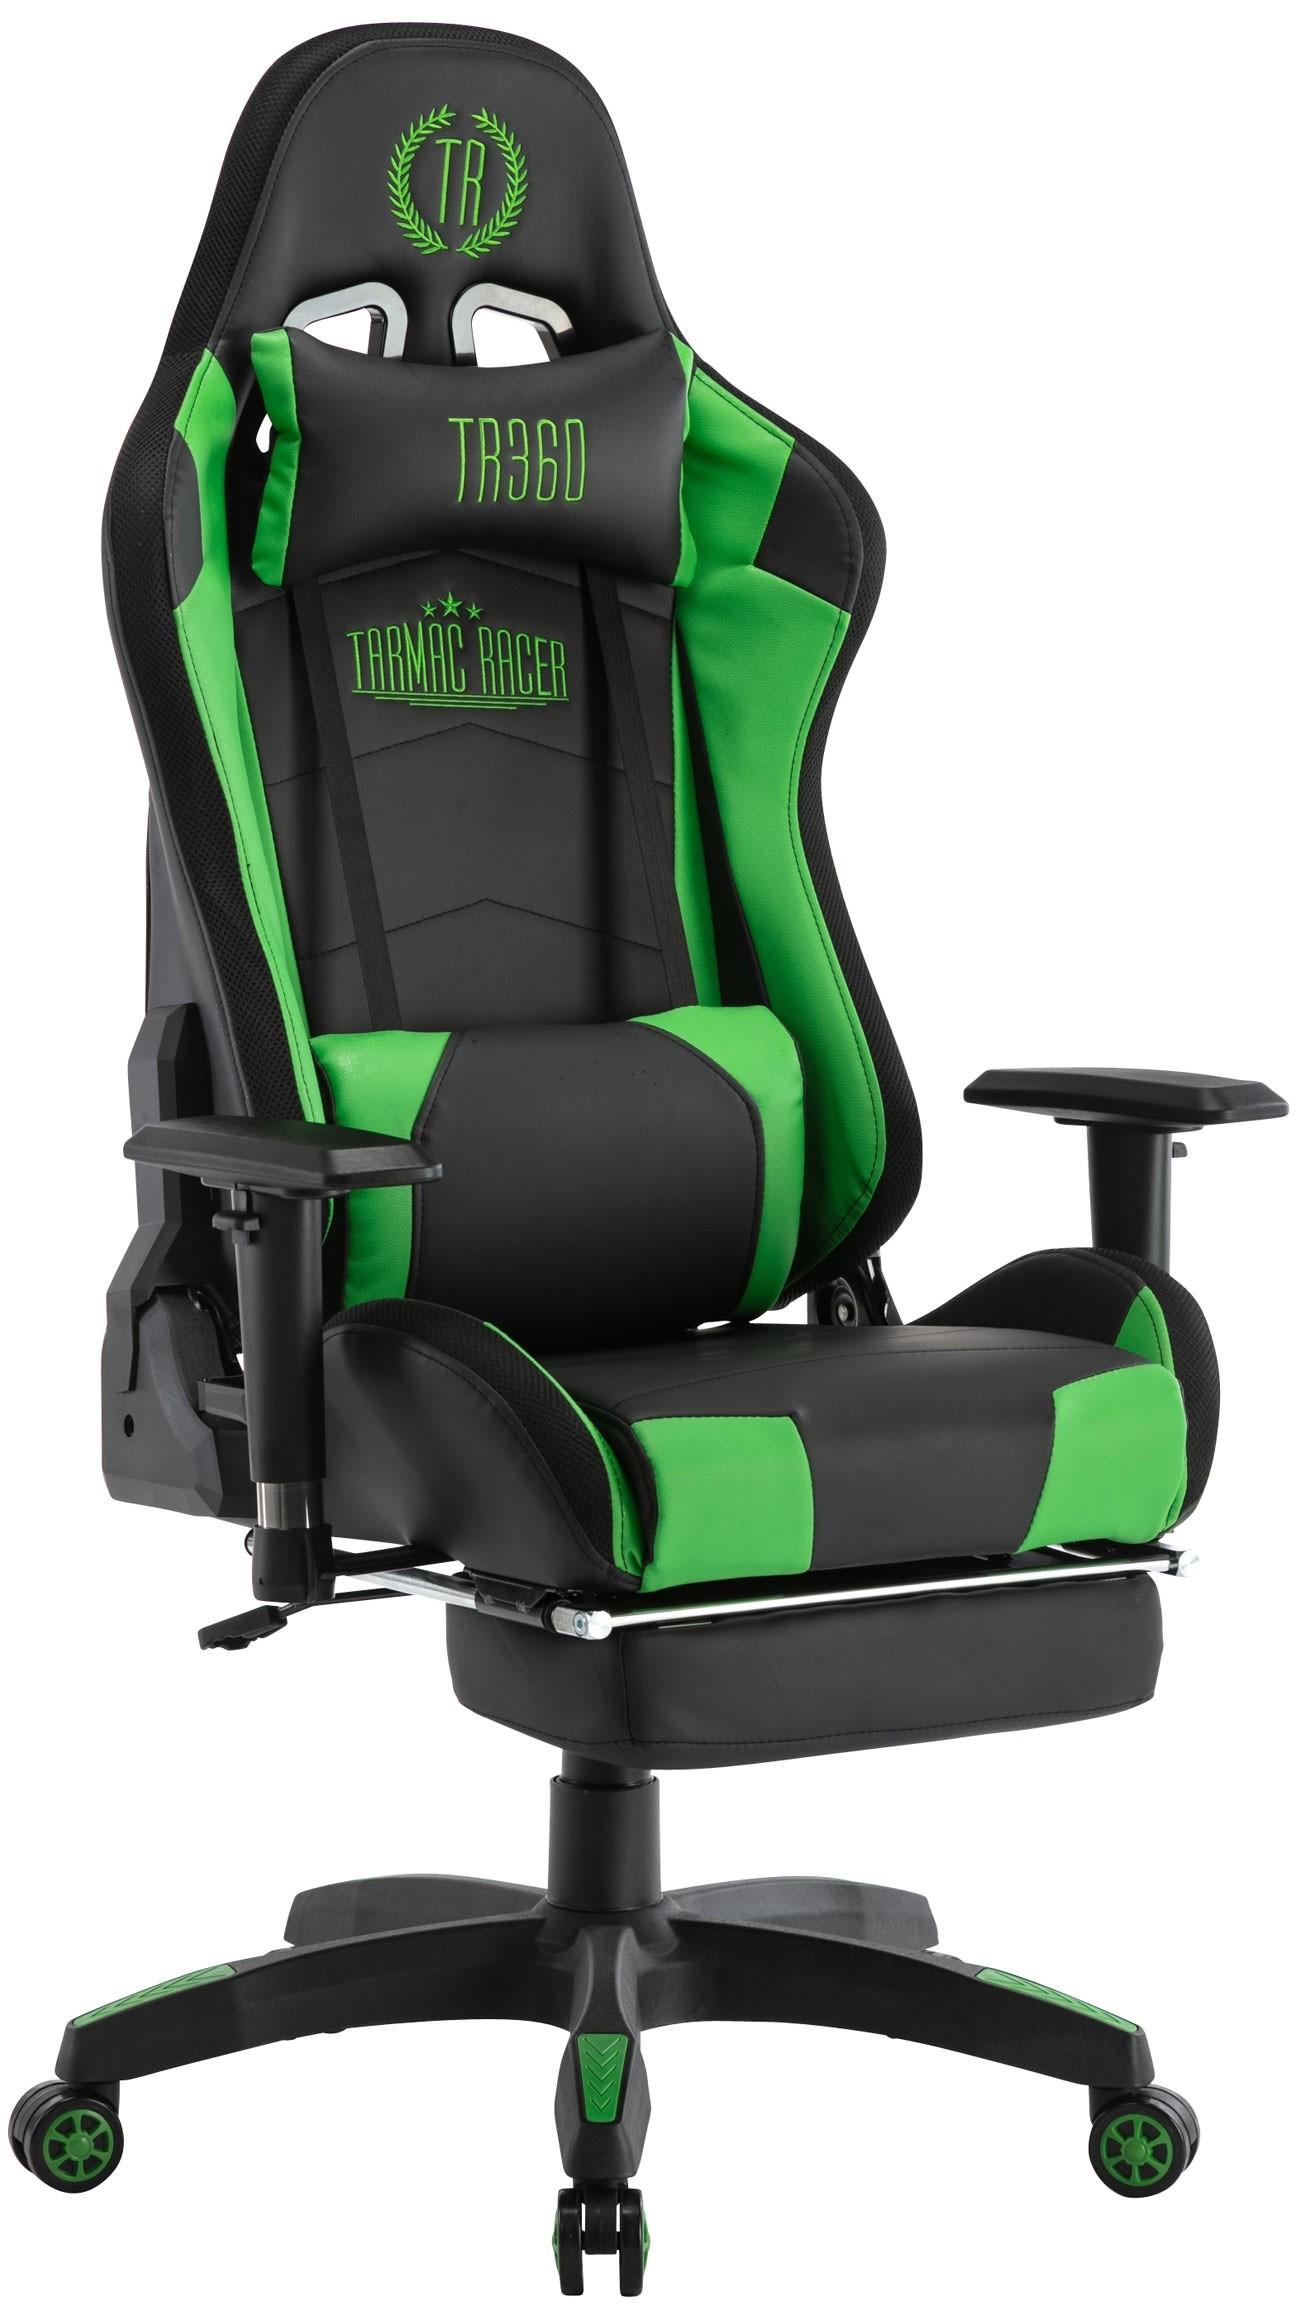 Chaise de bureau Gaming Turbo Led avec repose-pieds téléscopique